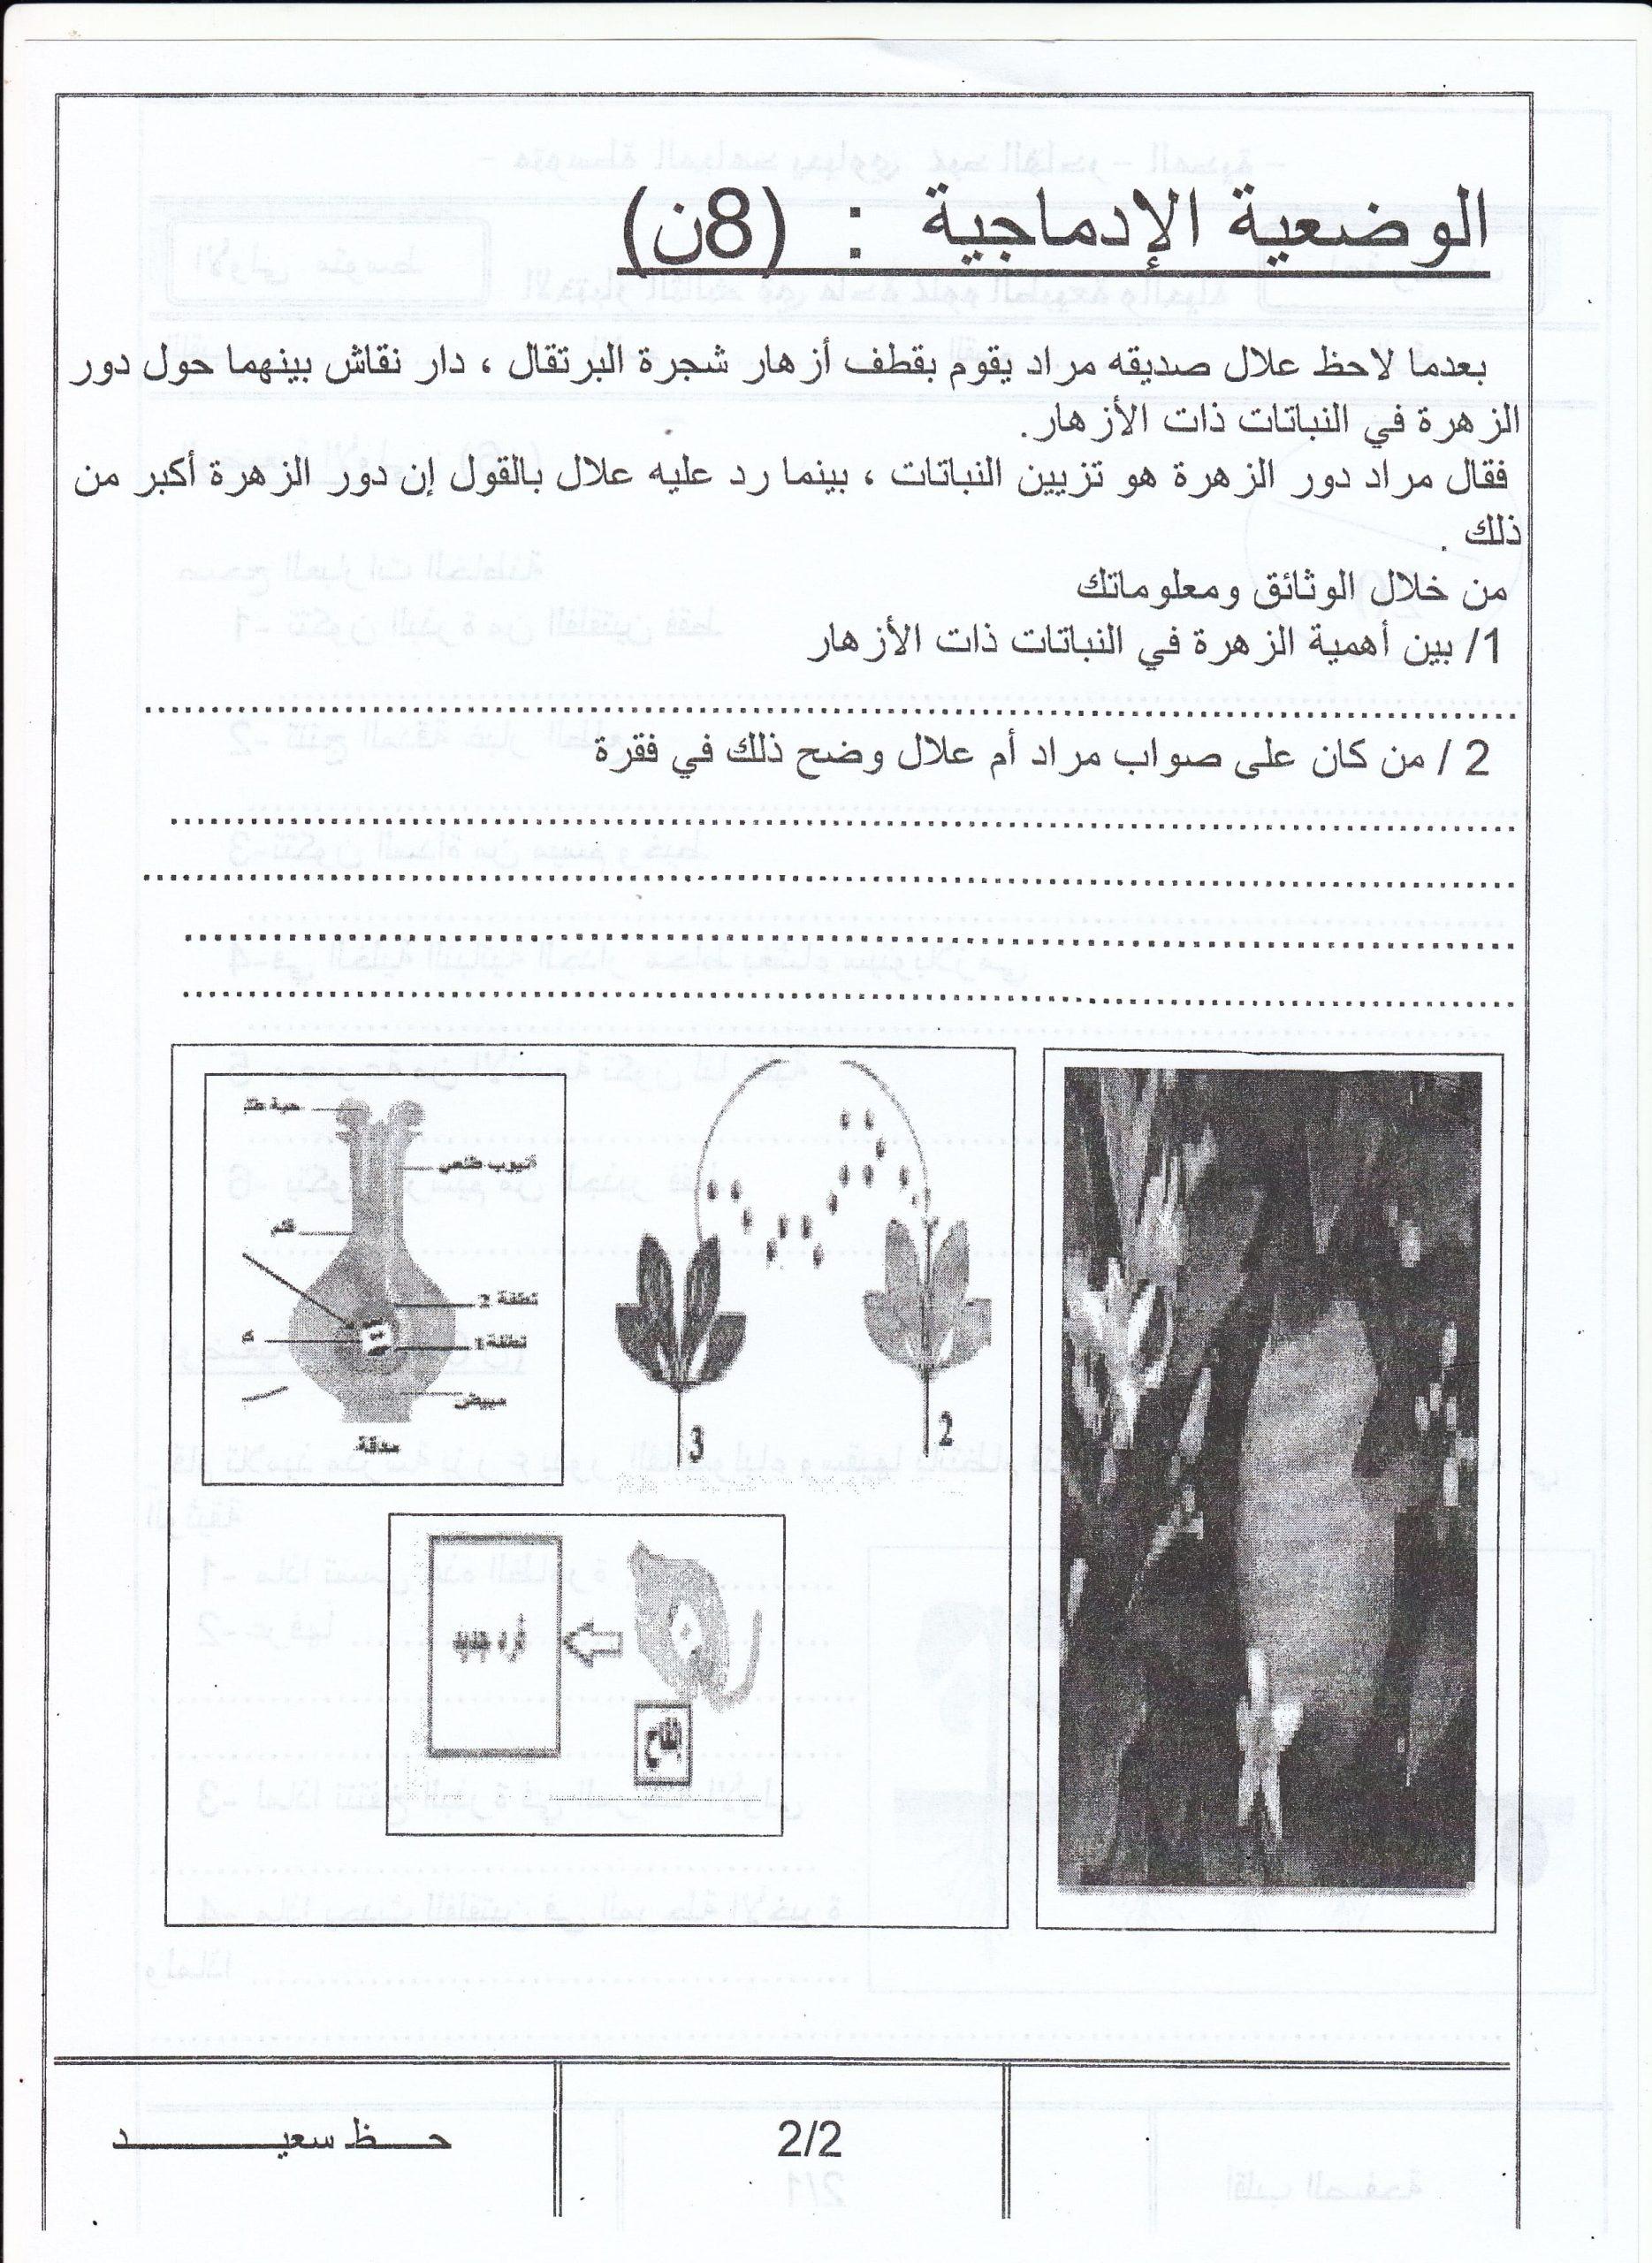 اختبار الفصل الثالث في العلوم الطبيعية للسنة الأولى متوسط - الموضوع 02